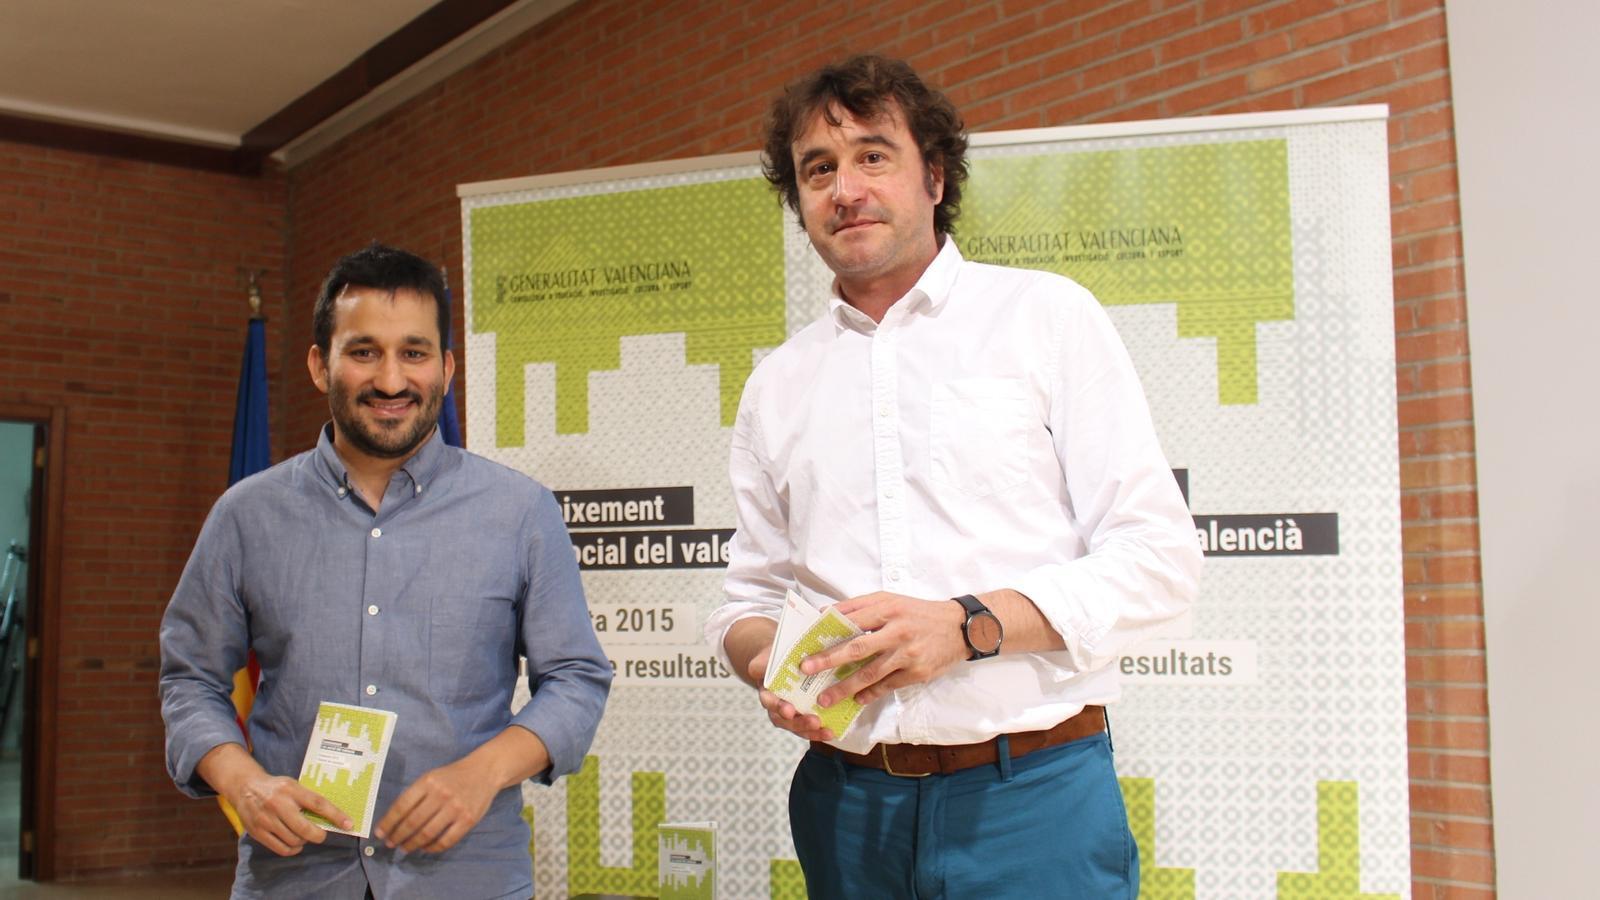 El conseller d'Educació, Vicent Marzà, i el director general de Política Lingüística, Ruben Trenzano, han presentat els resultats de l'enquesta sobre 'Coneixement i ús del valencià 2015'.